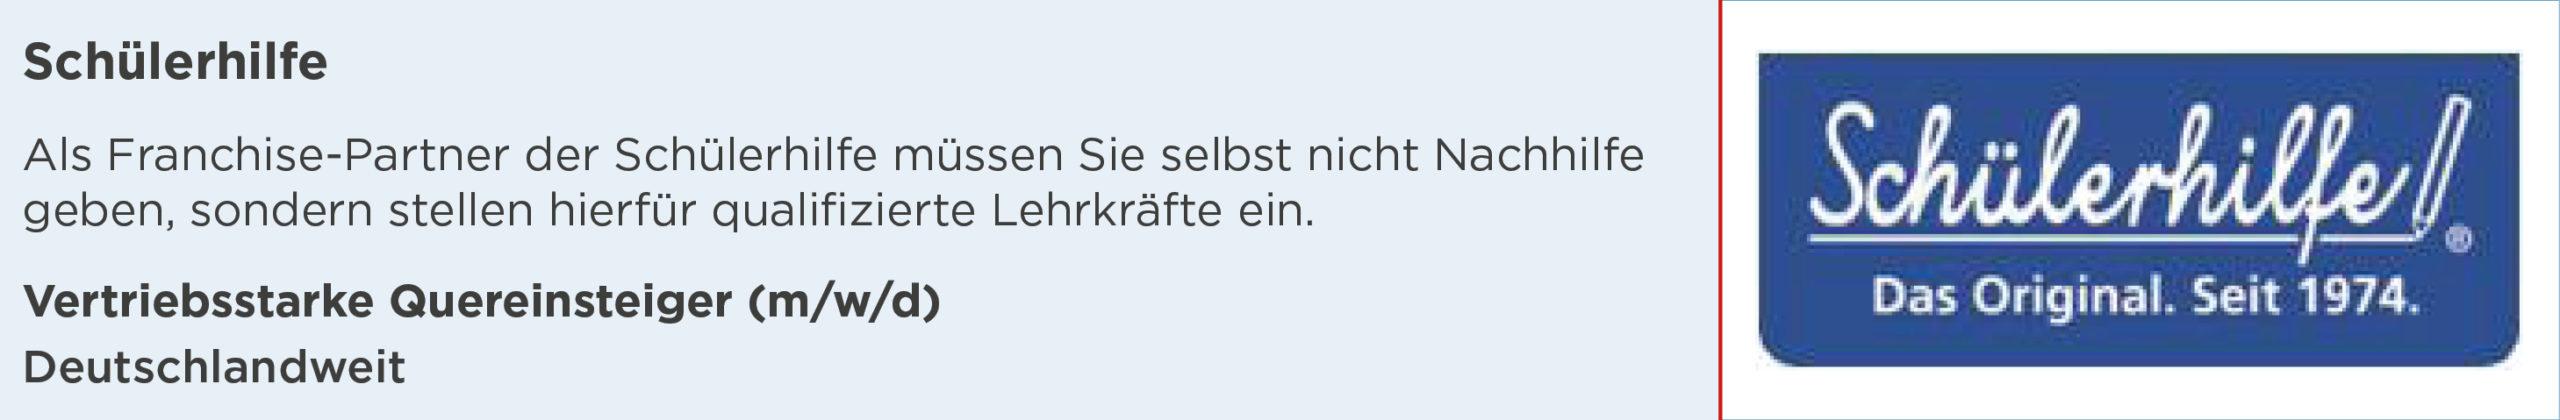 schuelerhilfe, stellenanzeige, quereinsteiger, vertrieb, deutschlandweit